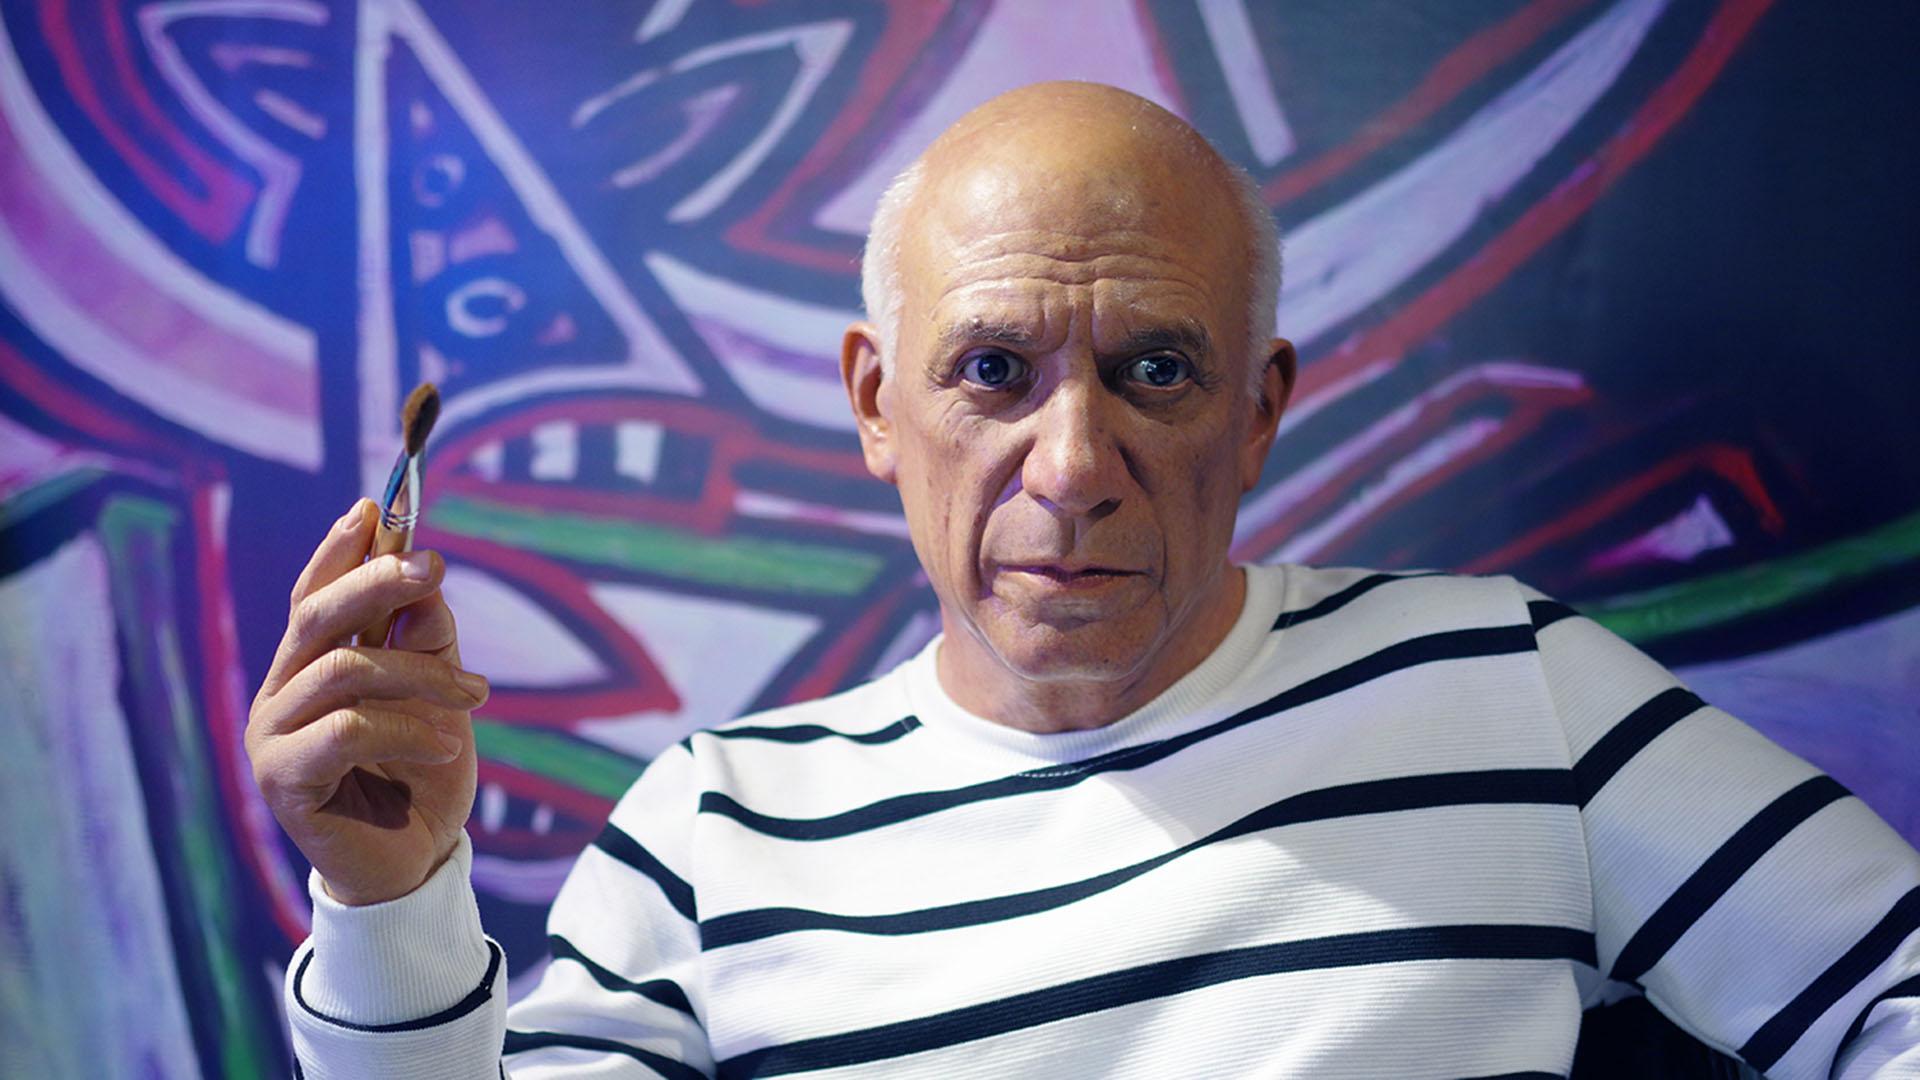 Pablo Picasso Simulation de haute qualité Figure de cire humaine de haute qualité